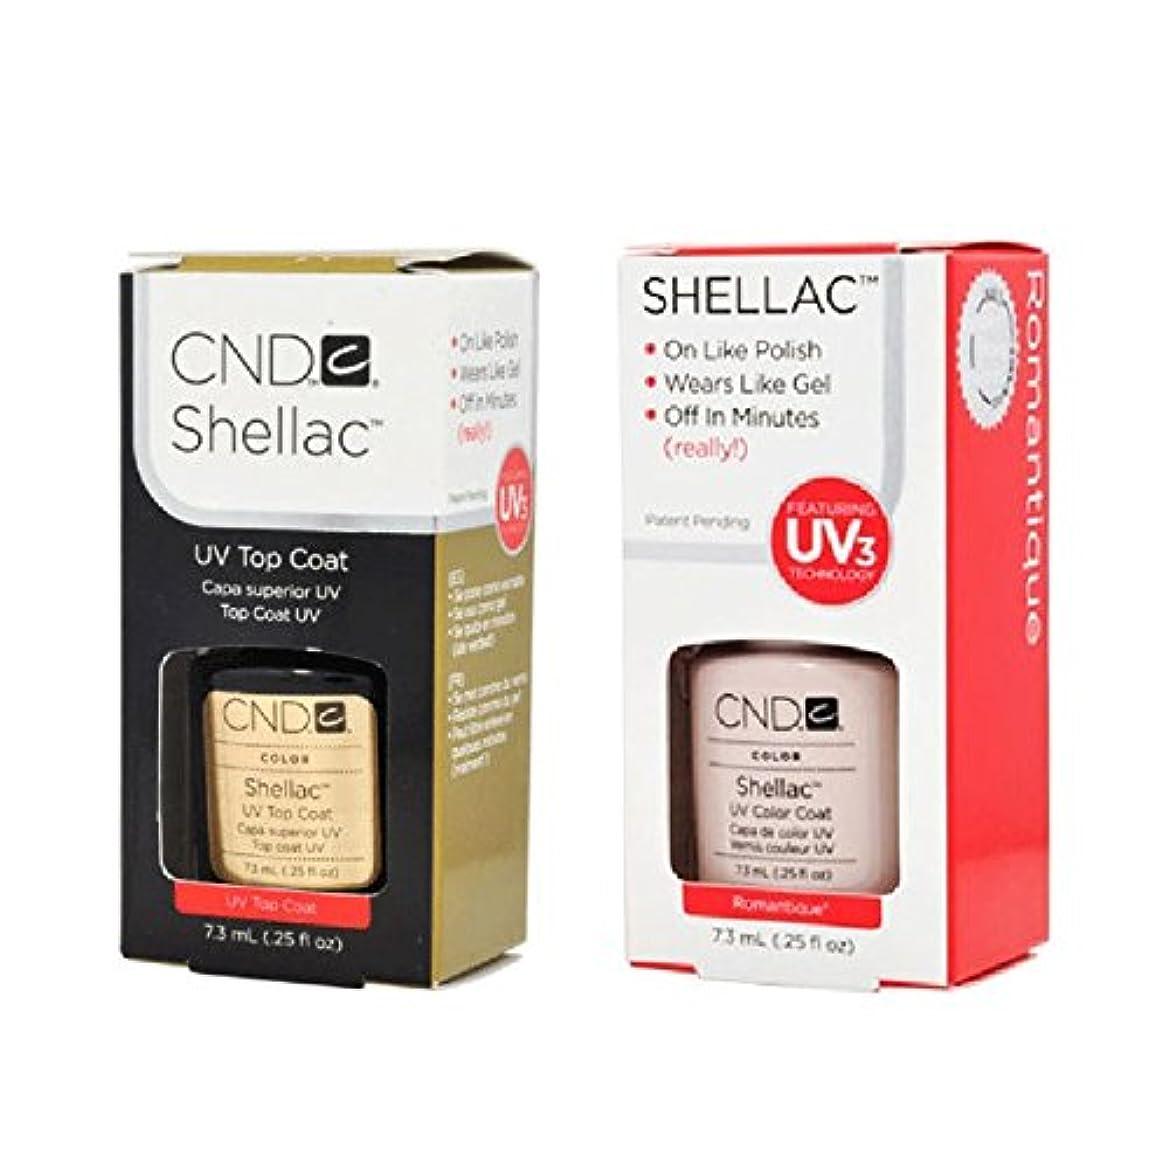 団結裕福なりCND Shellac UVトップコート 7.3m l  &  UV カラーコー< Romantique>7.3ml [海外直送品]